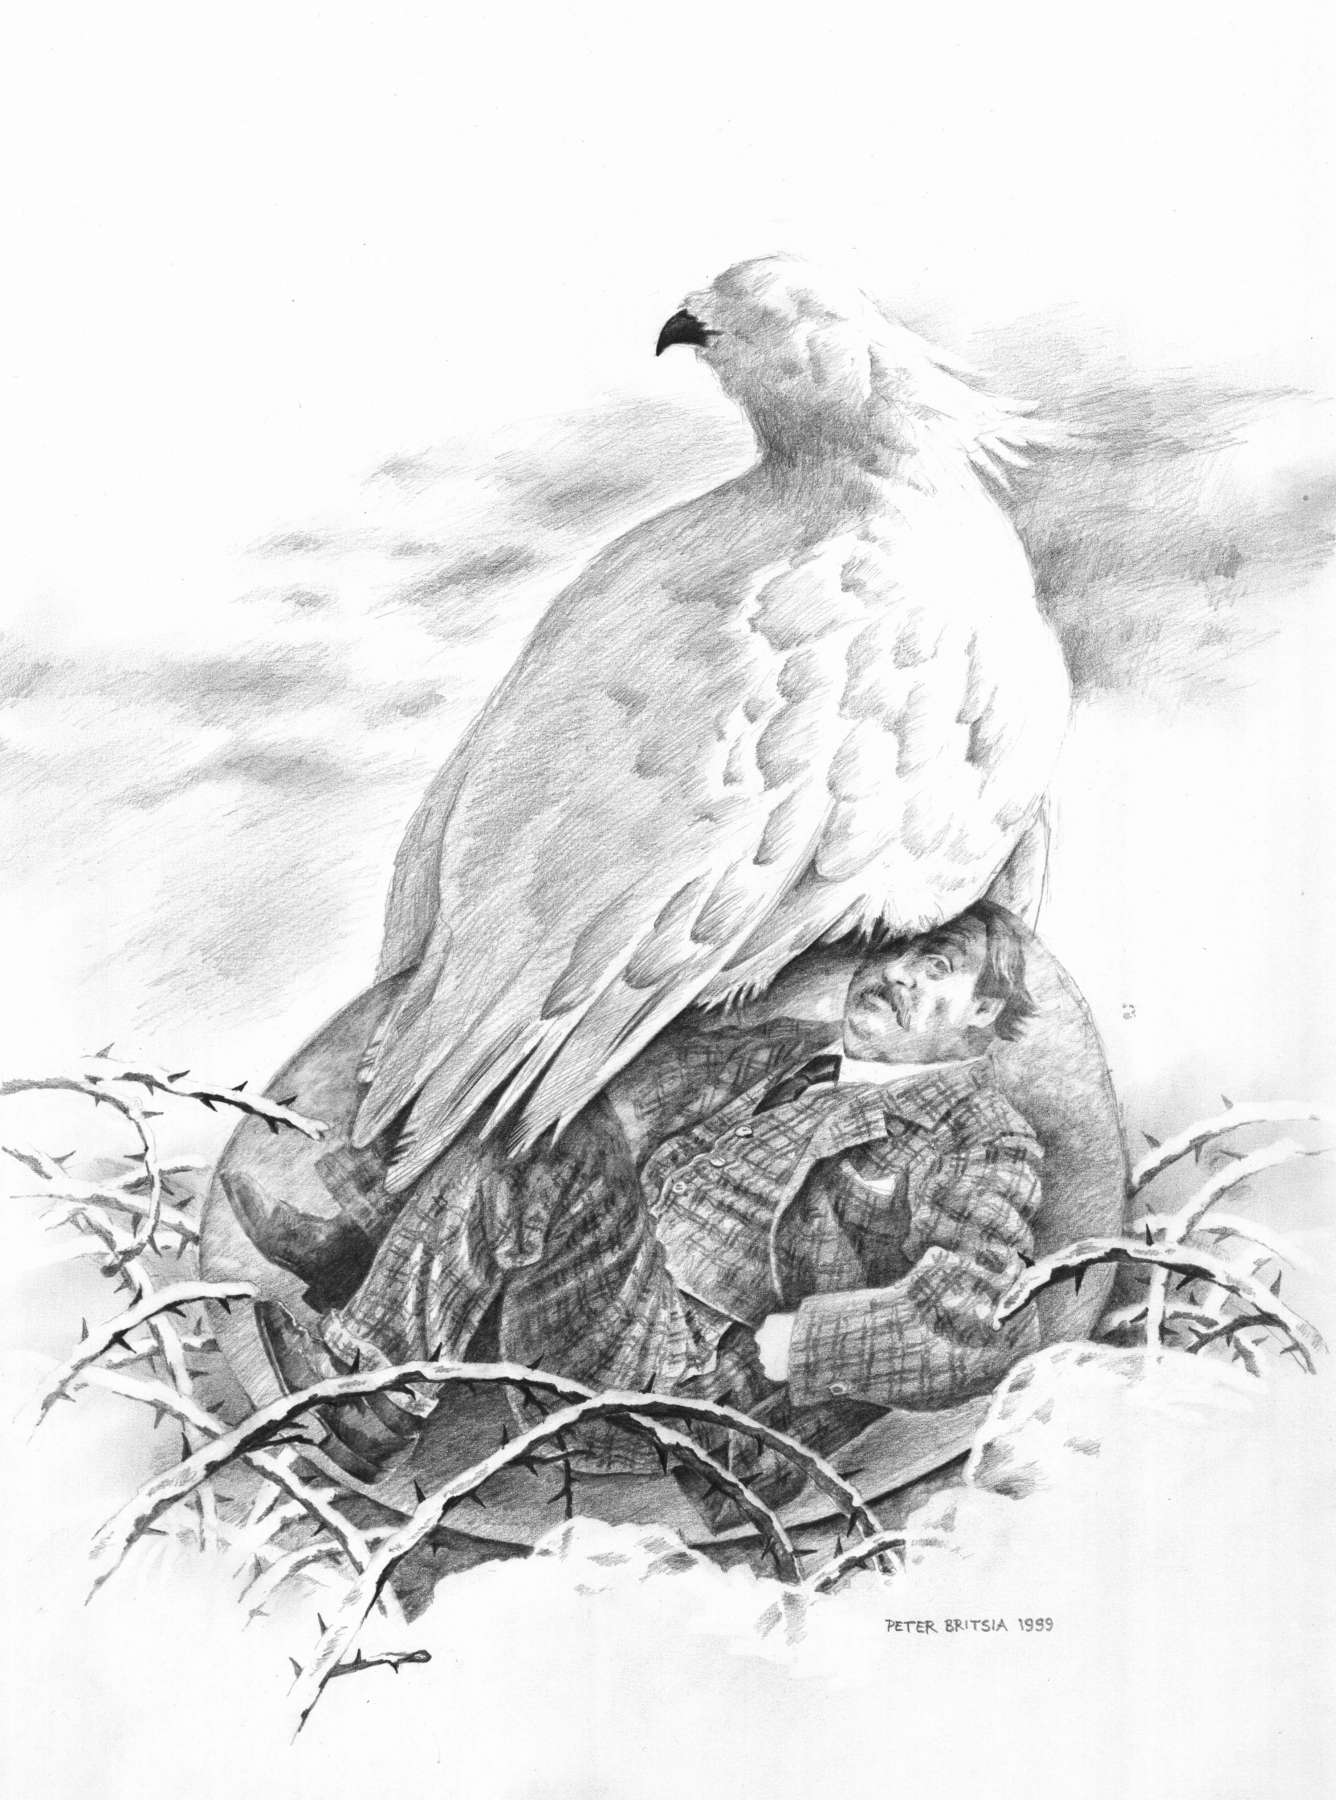 Blinde liefde - potloodtekening<br>De sneeuwhoender blijft maar doorbroeden, terwijl in haar glazen ei haar broedsel allang volwassen is.